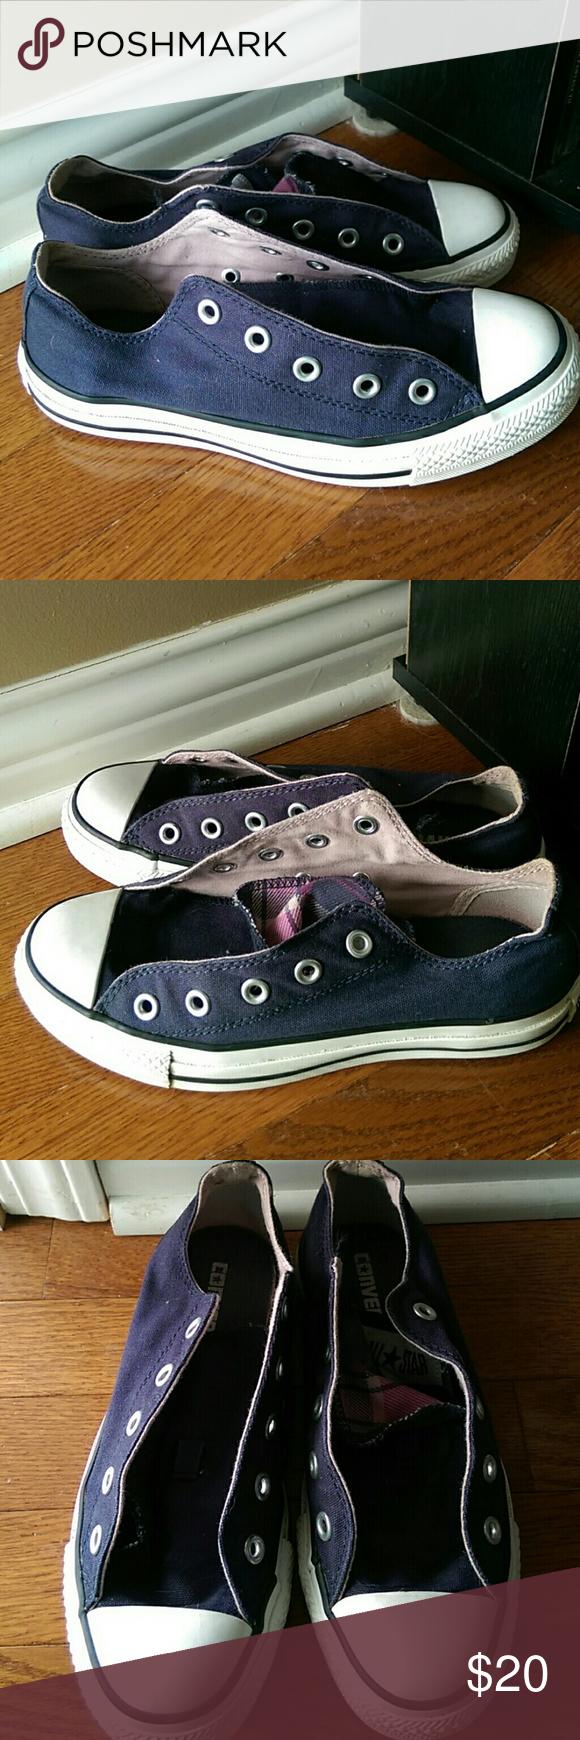 converse shoes no laces size 4